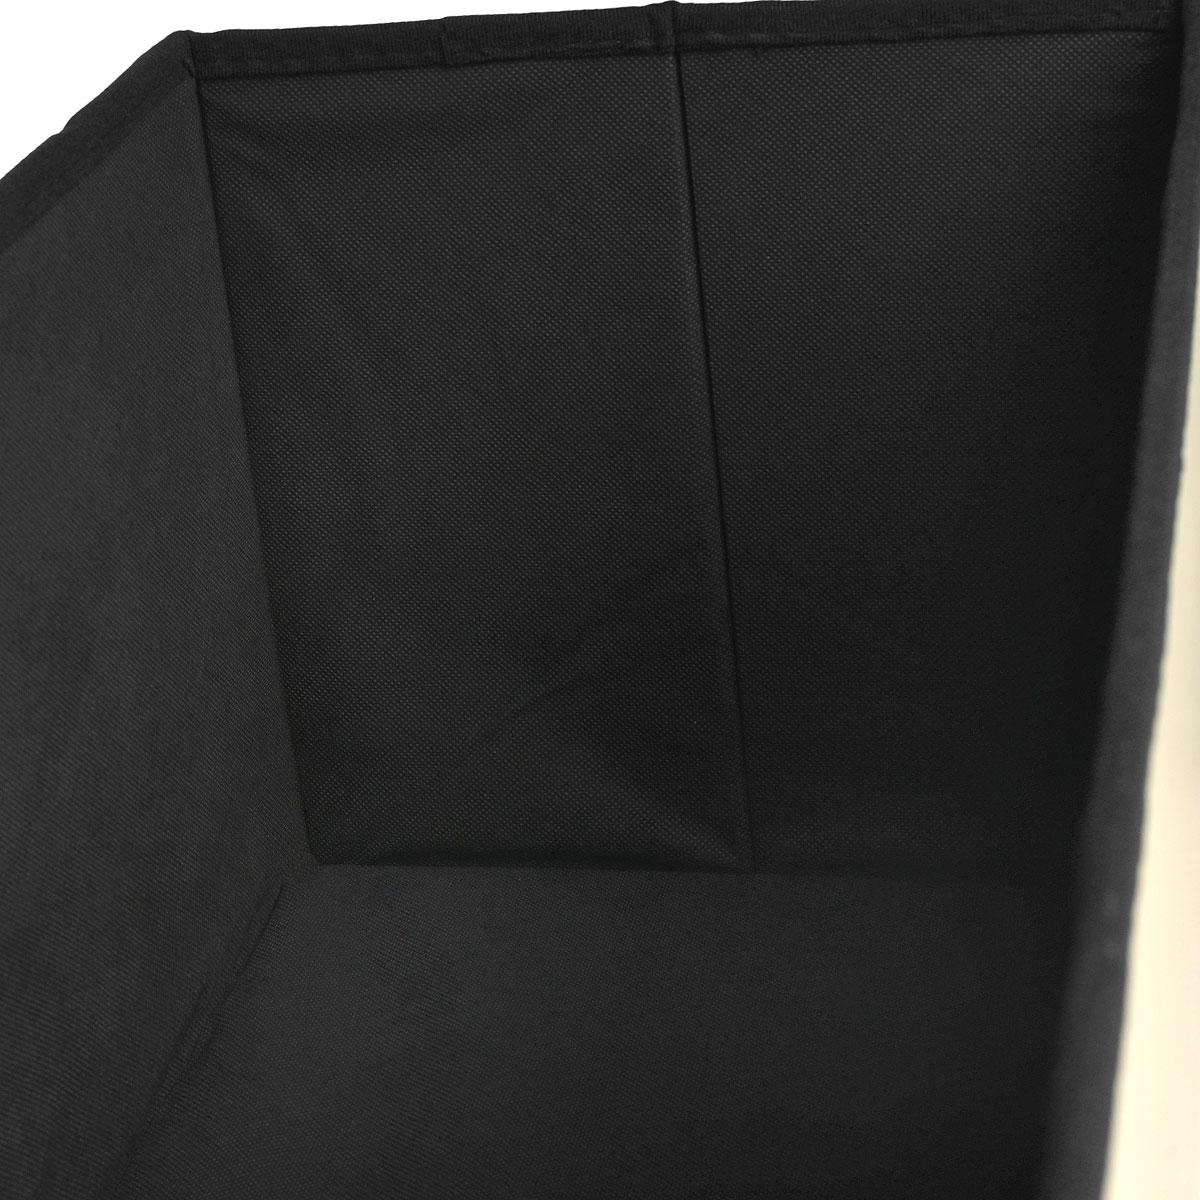 """Пуфик """"Hausmann"""", с отделением для хранения, цвет: бежевый, 76 x 38 x 38 см ( 4A-211-2 )"""